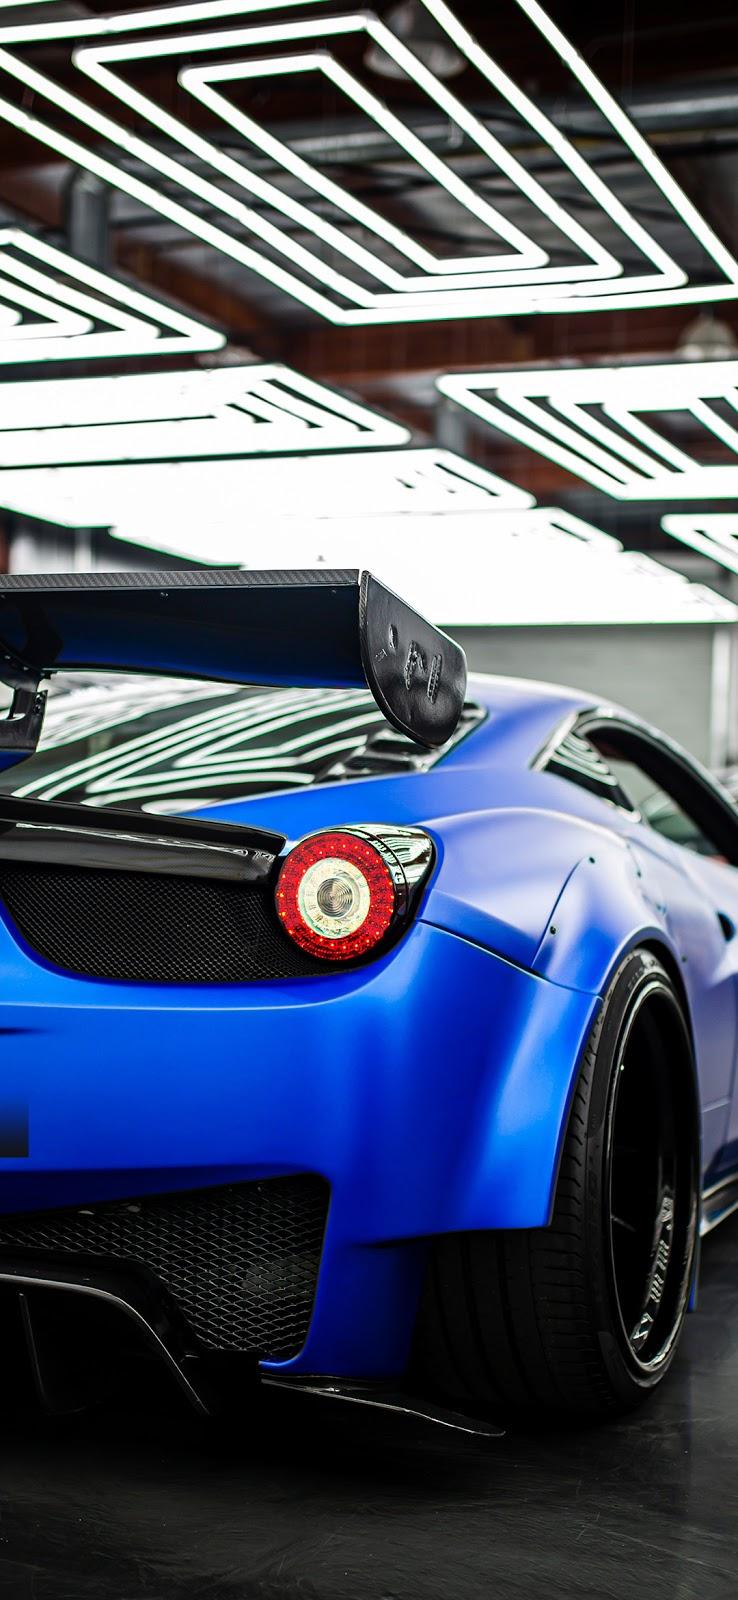 blue ferrari supercar wallpaper